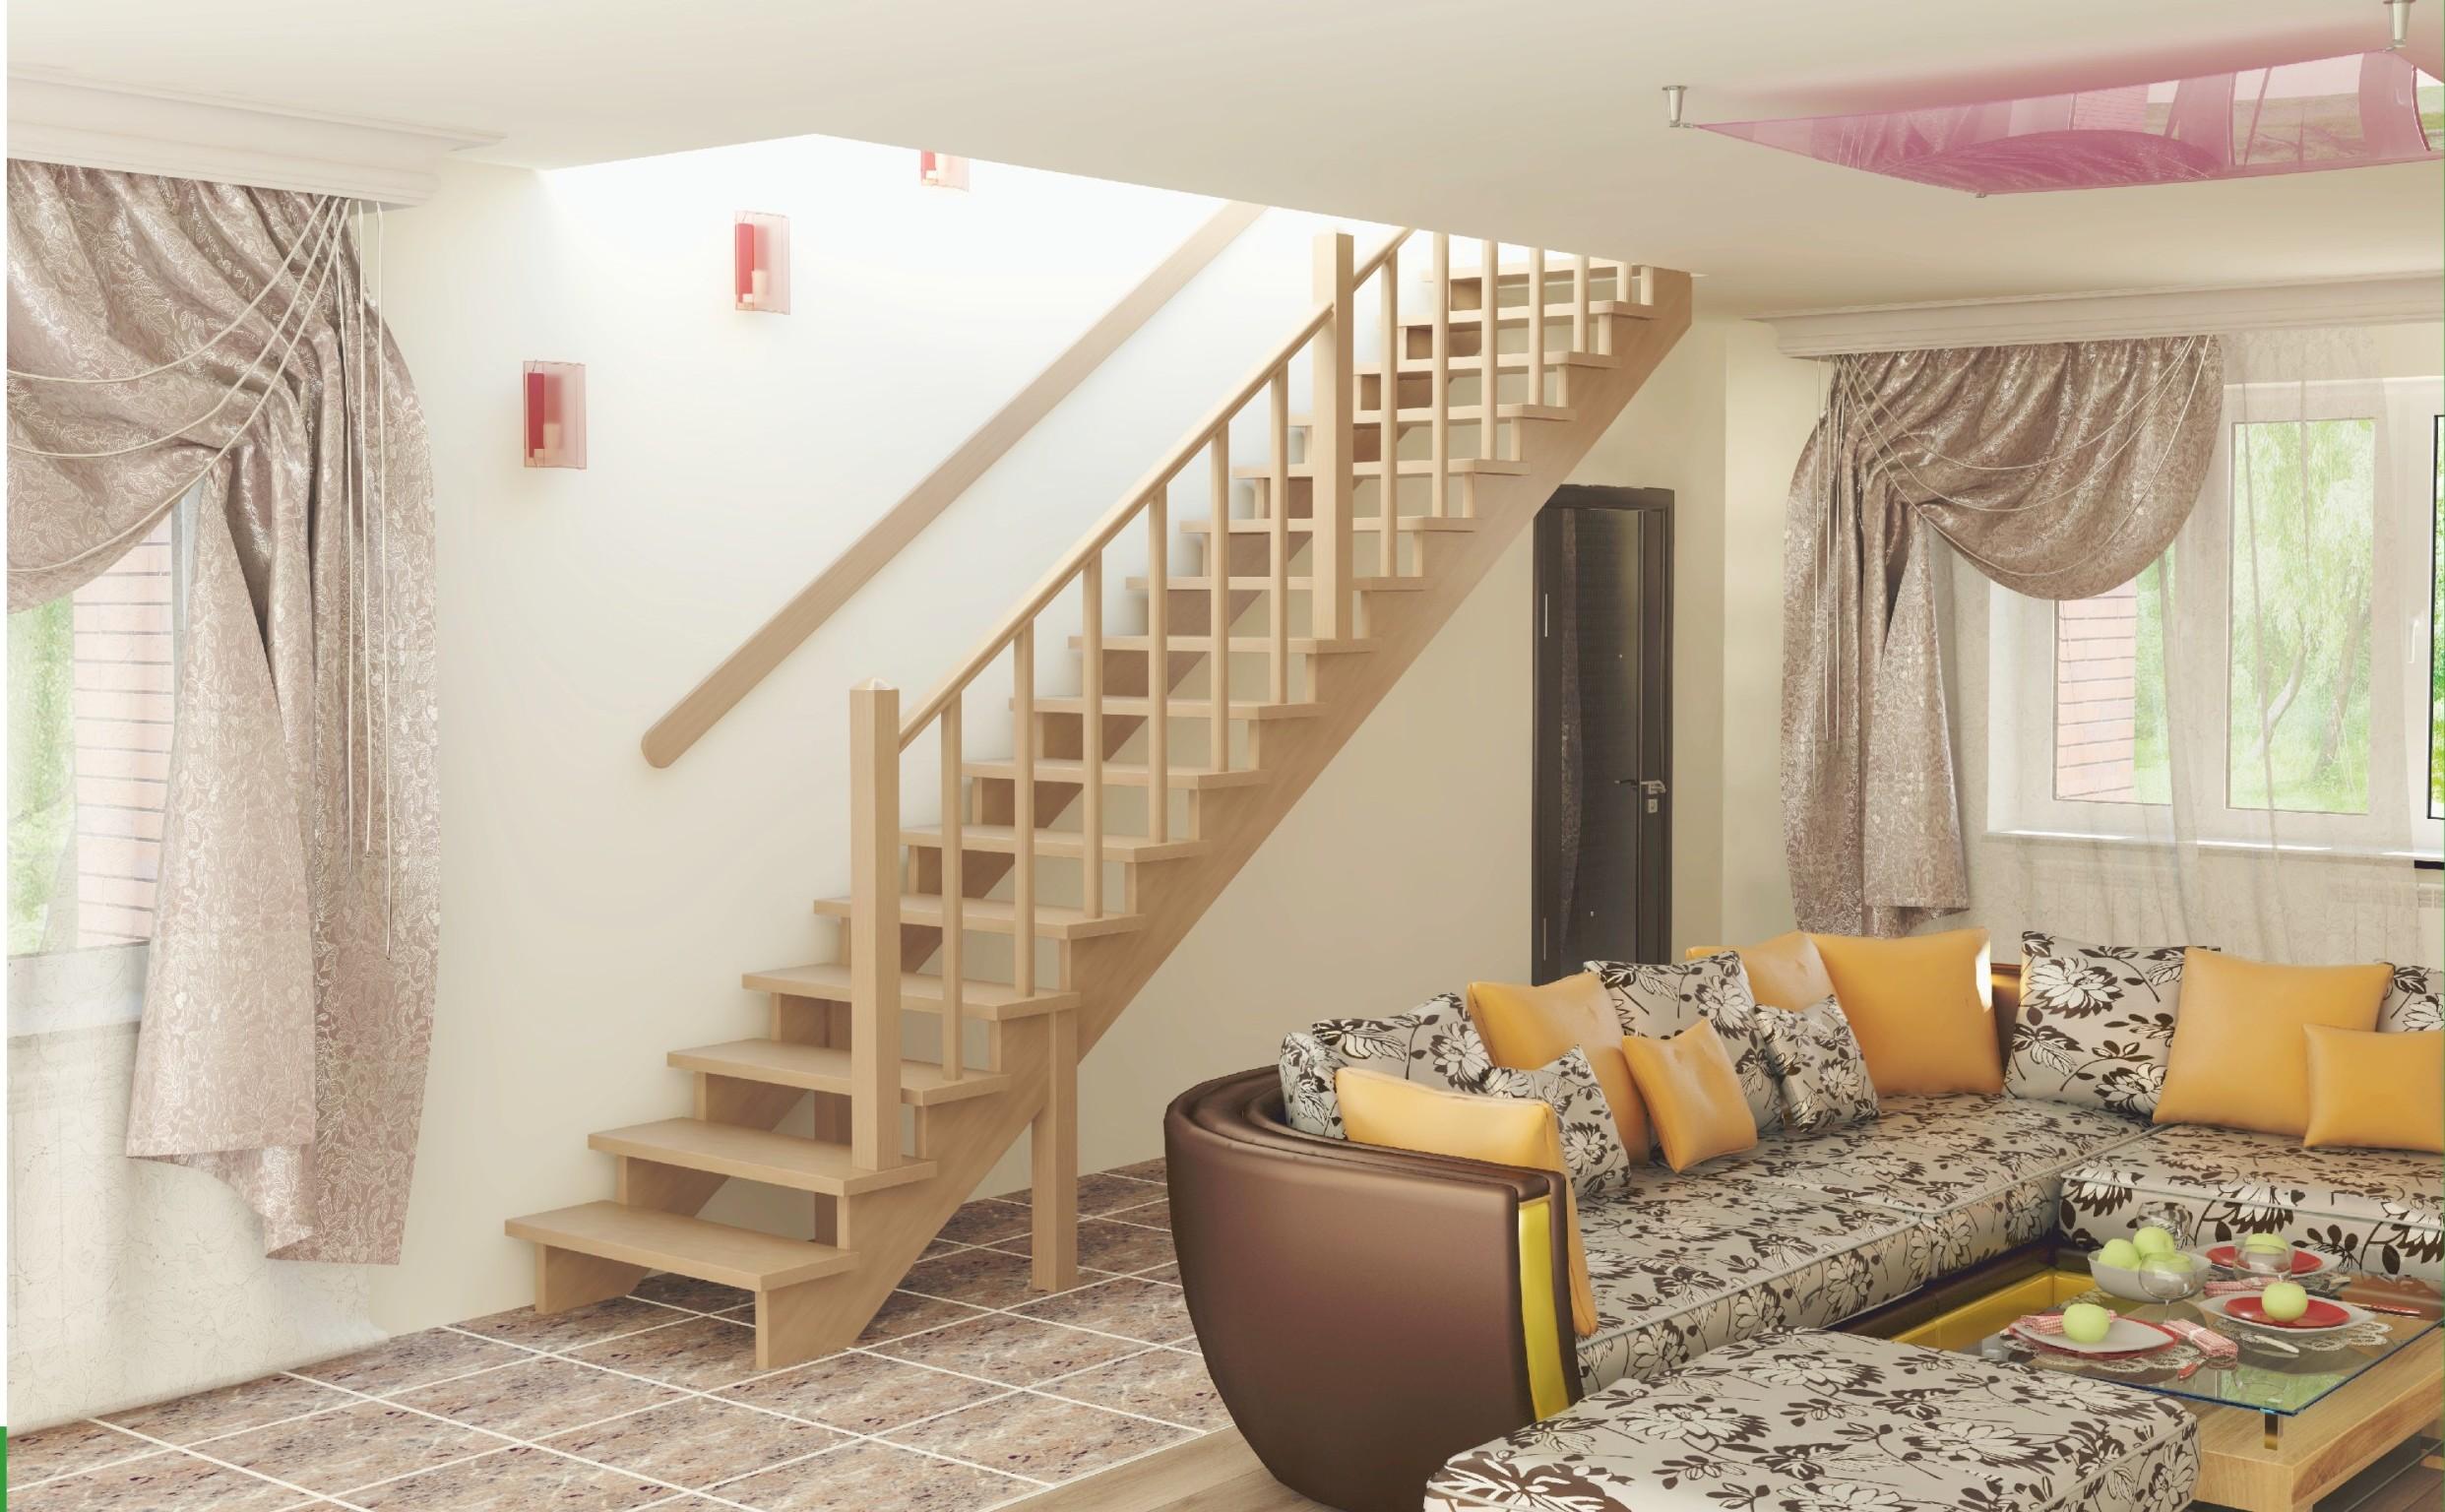 выписки, одномаршевые лестницы на второй этаж фото требуют